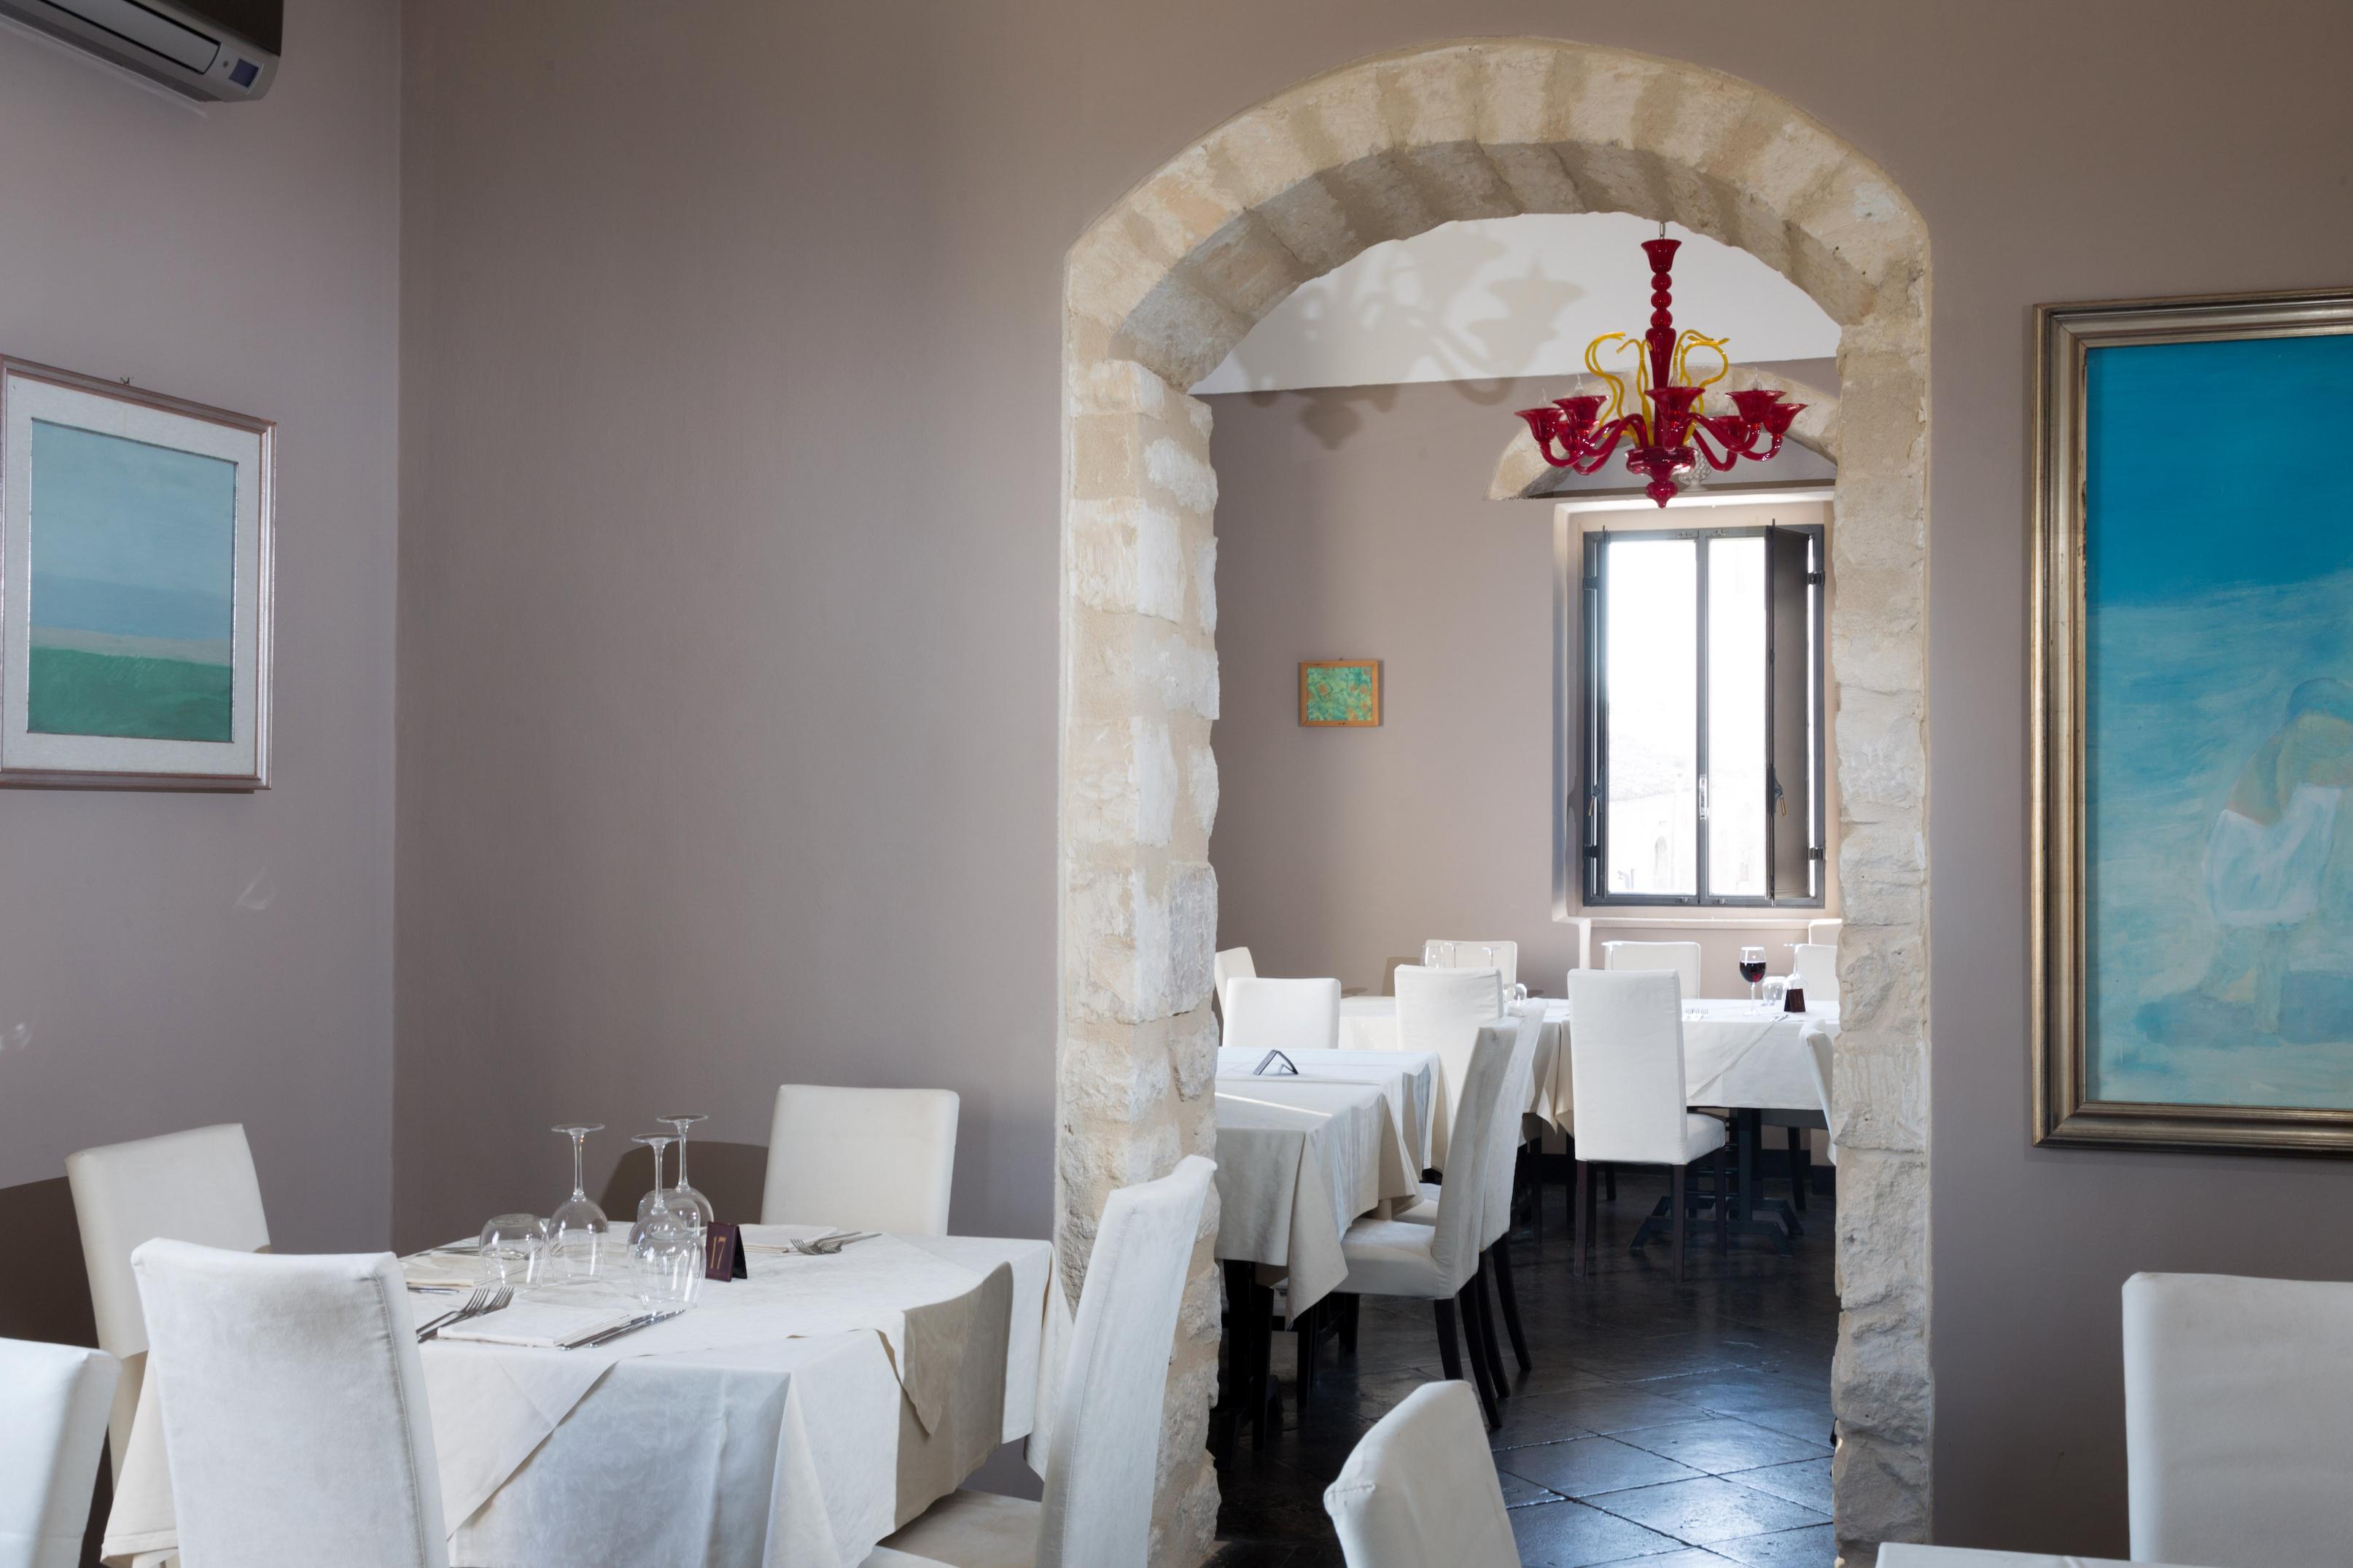 https://www.ragusanews.com//immagini_articoli/10-07-2016/1468161805-1-al-donnafugata-ristorante-in-una-cornice-da-sogno.jpg